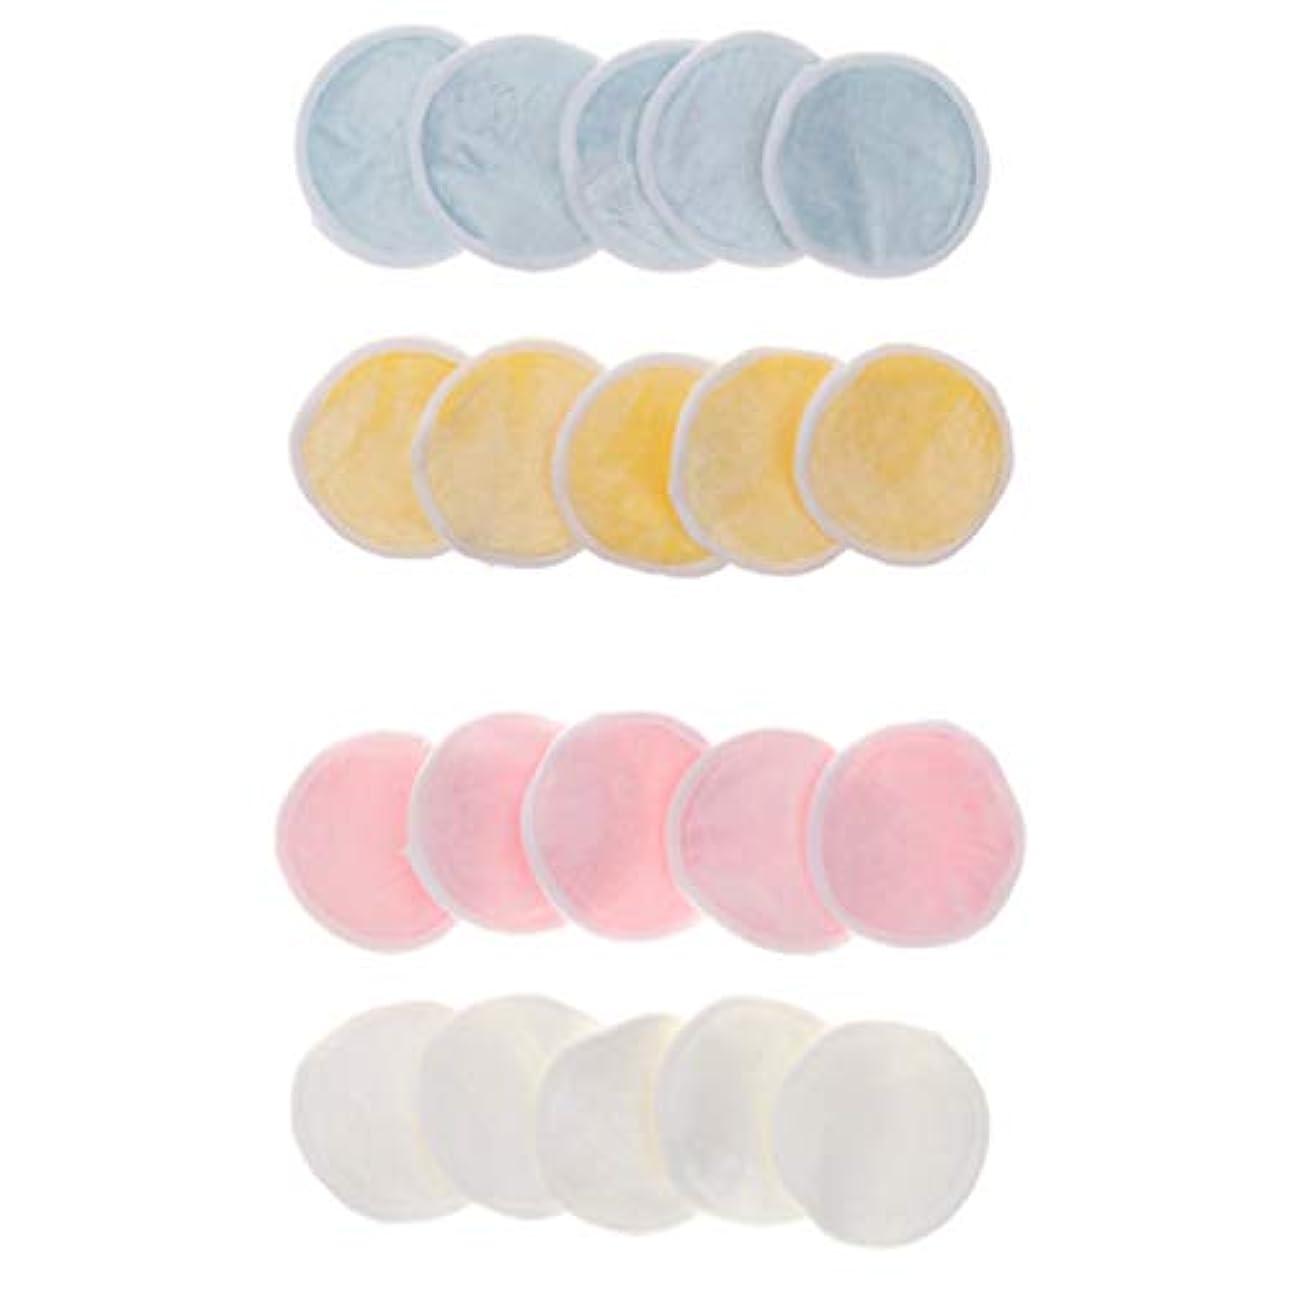 対顎すりクレンジングシート 化粧落としパッド メイク落としコットン 再使用可 化粧用 持ち運びに便利 20個入